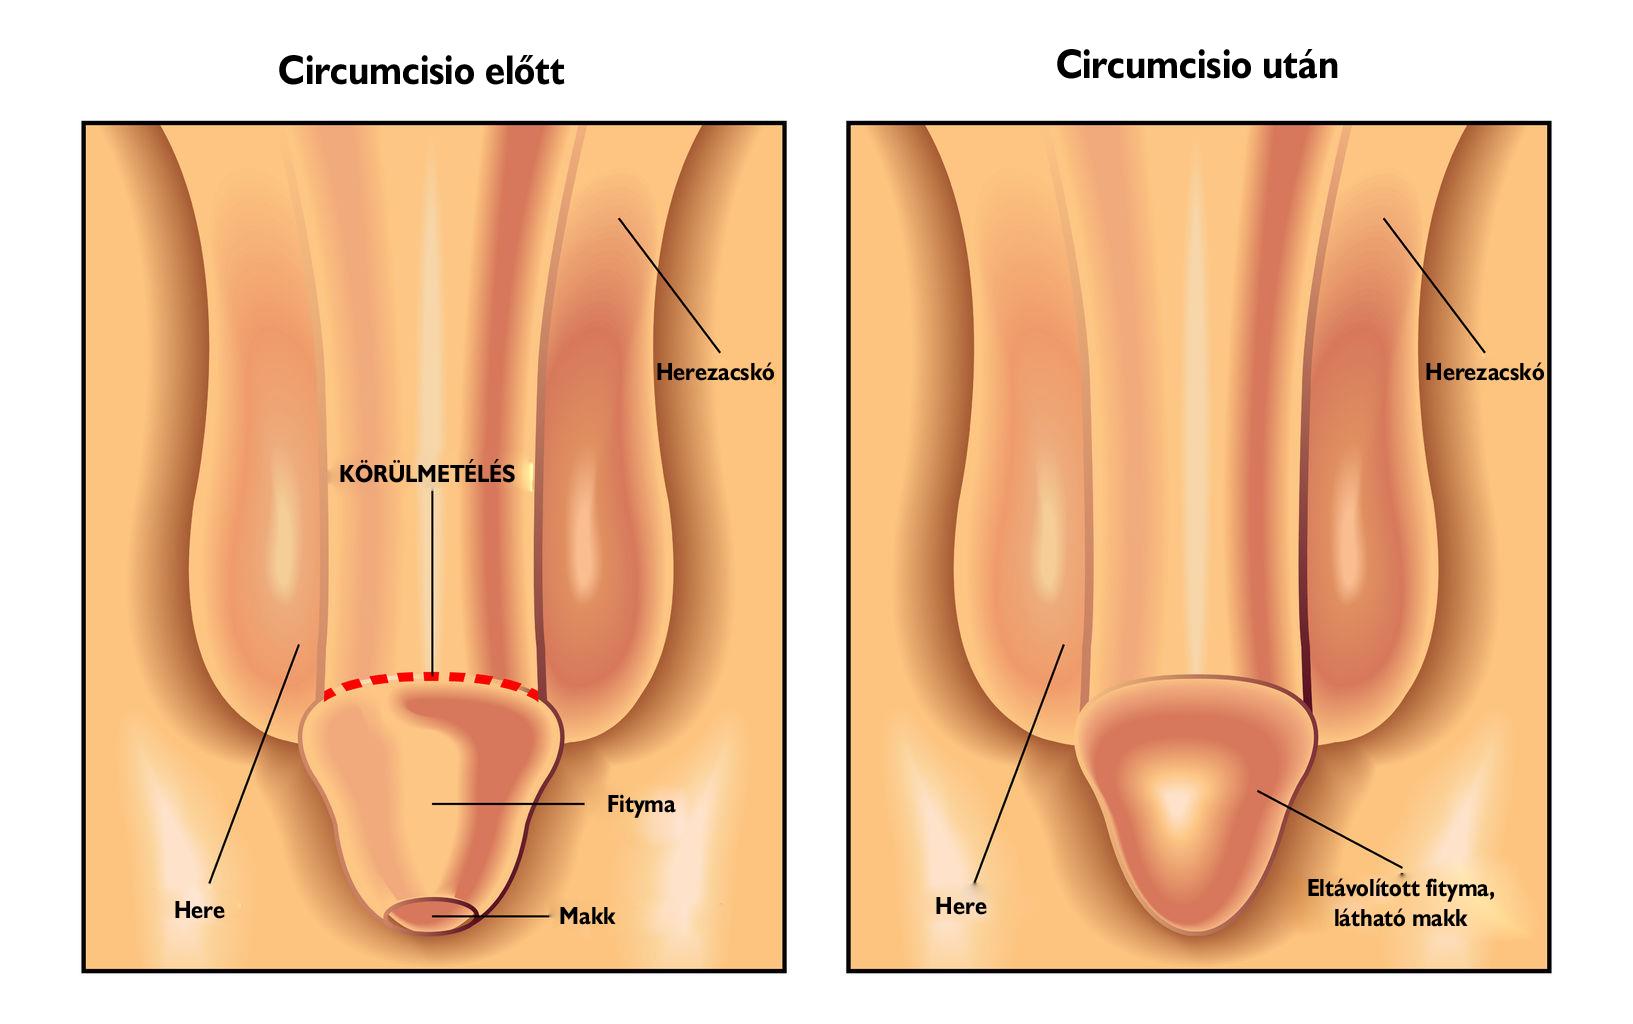 ha a pénisz meg van csavarva péniszek érintik